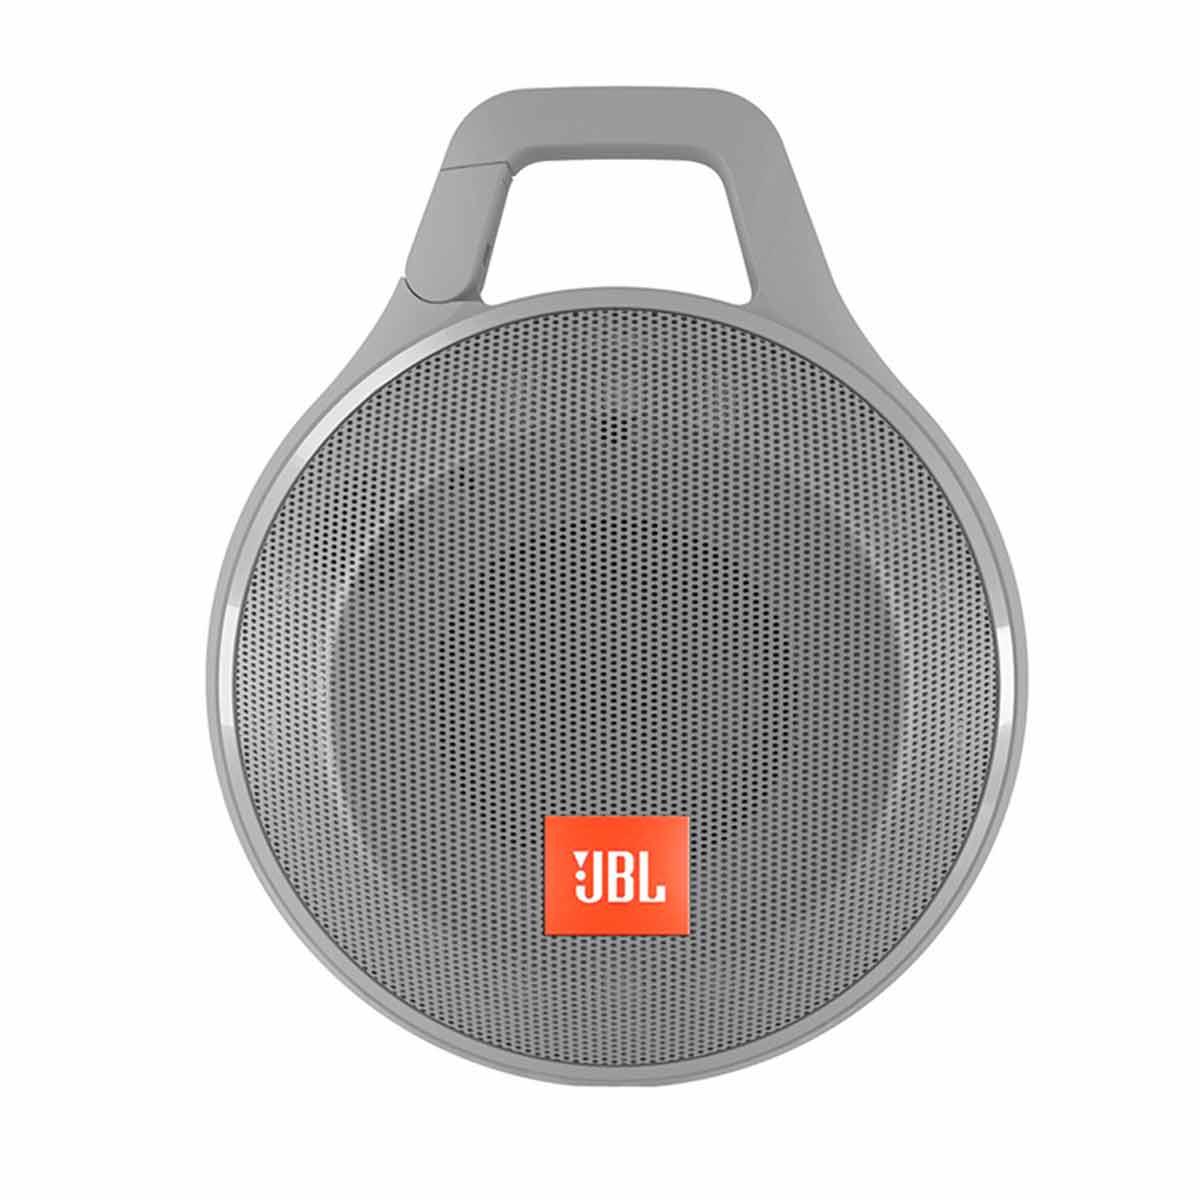 JBLCLIP+ - Caixa de Som Portátil 3,2W c/ Bluetooth JBL CLIP+ Cinza - JBL